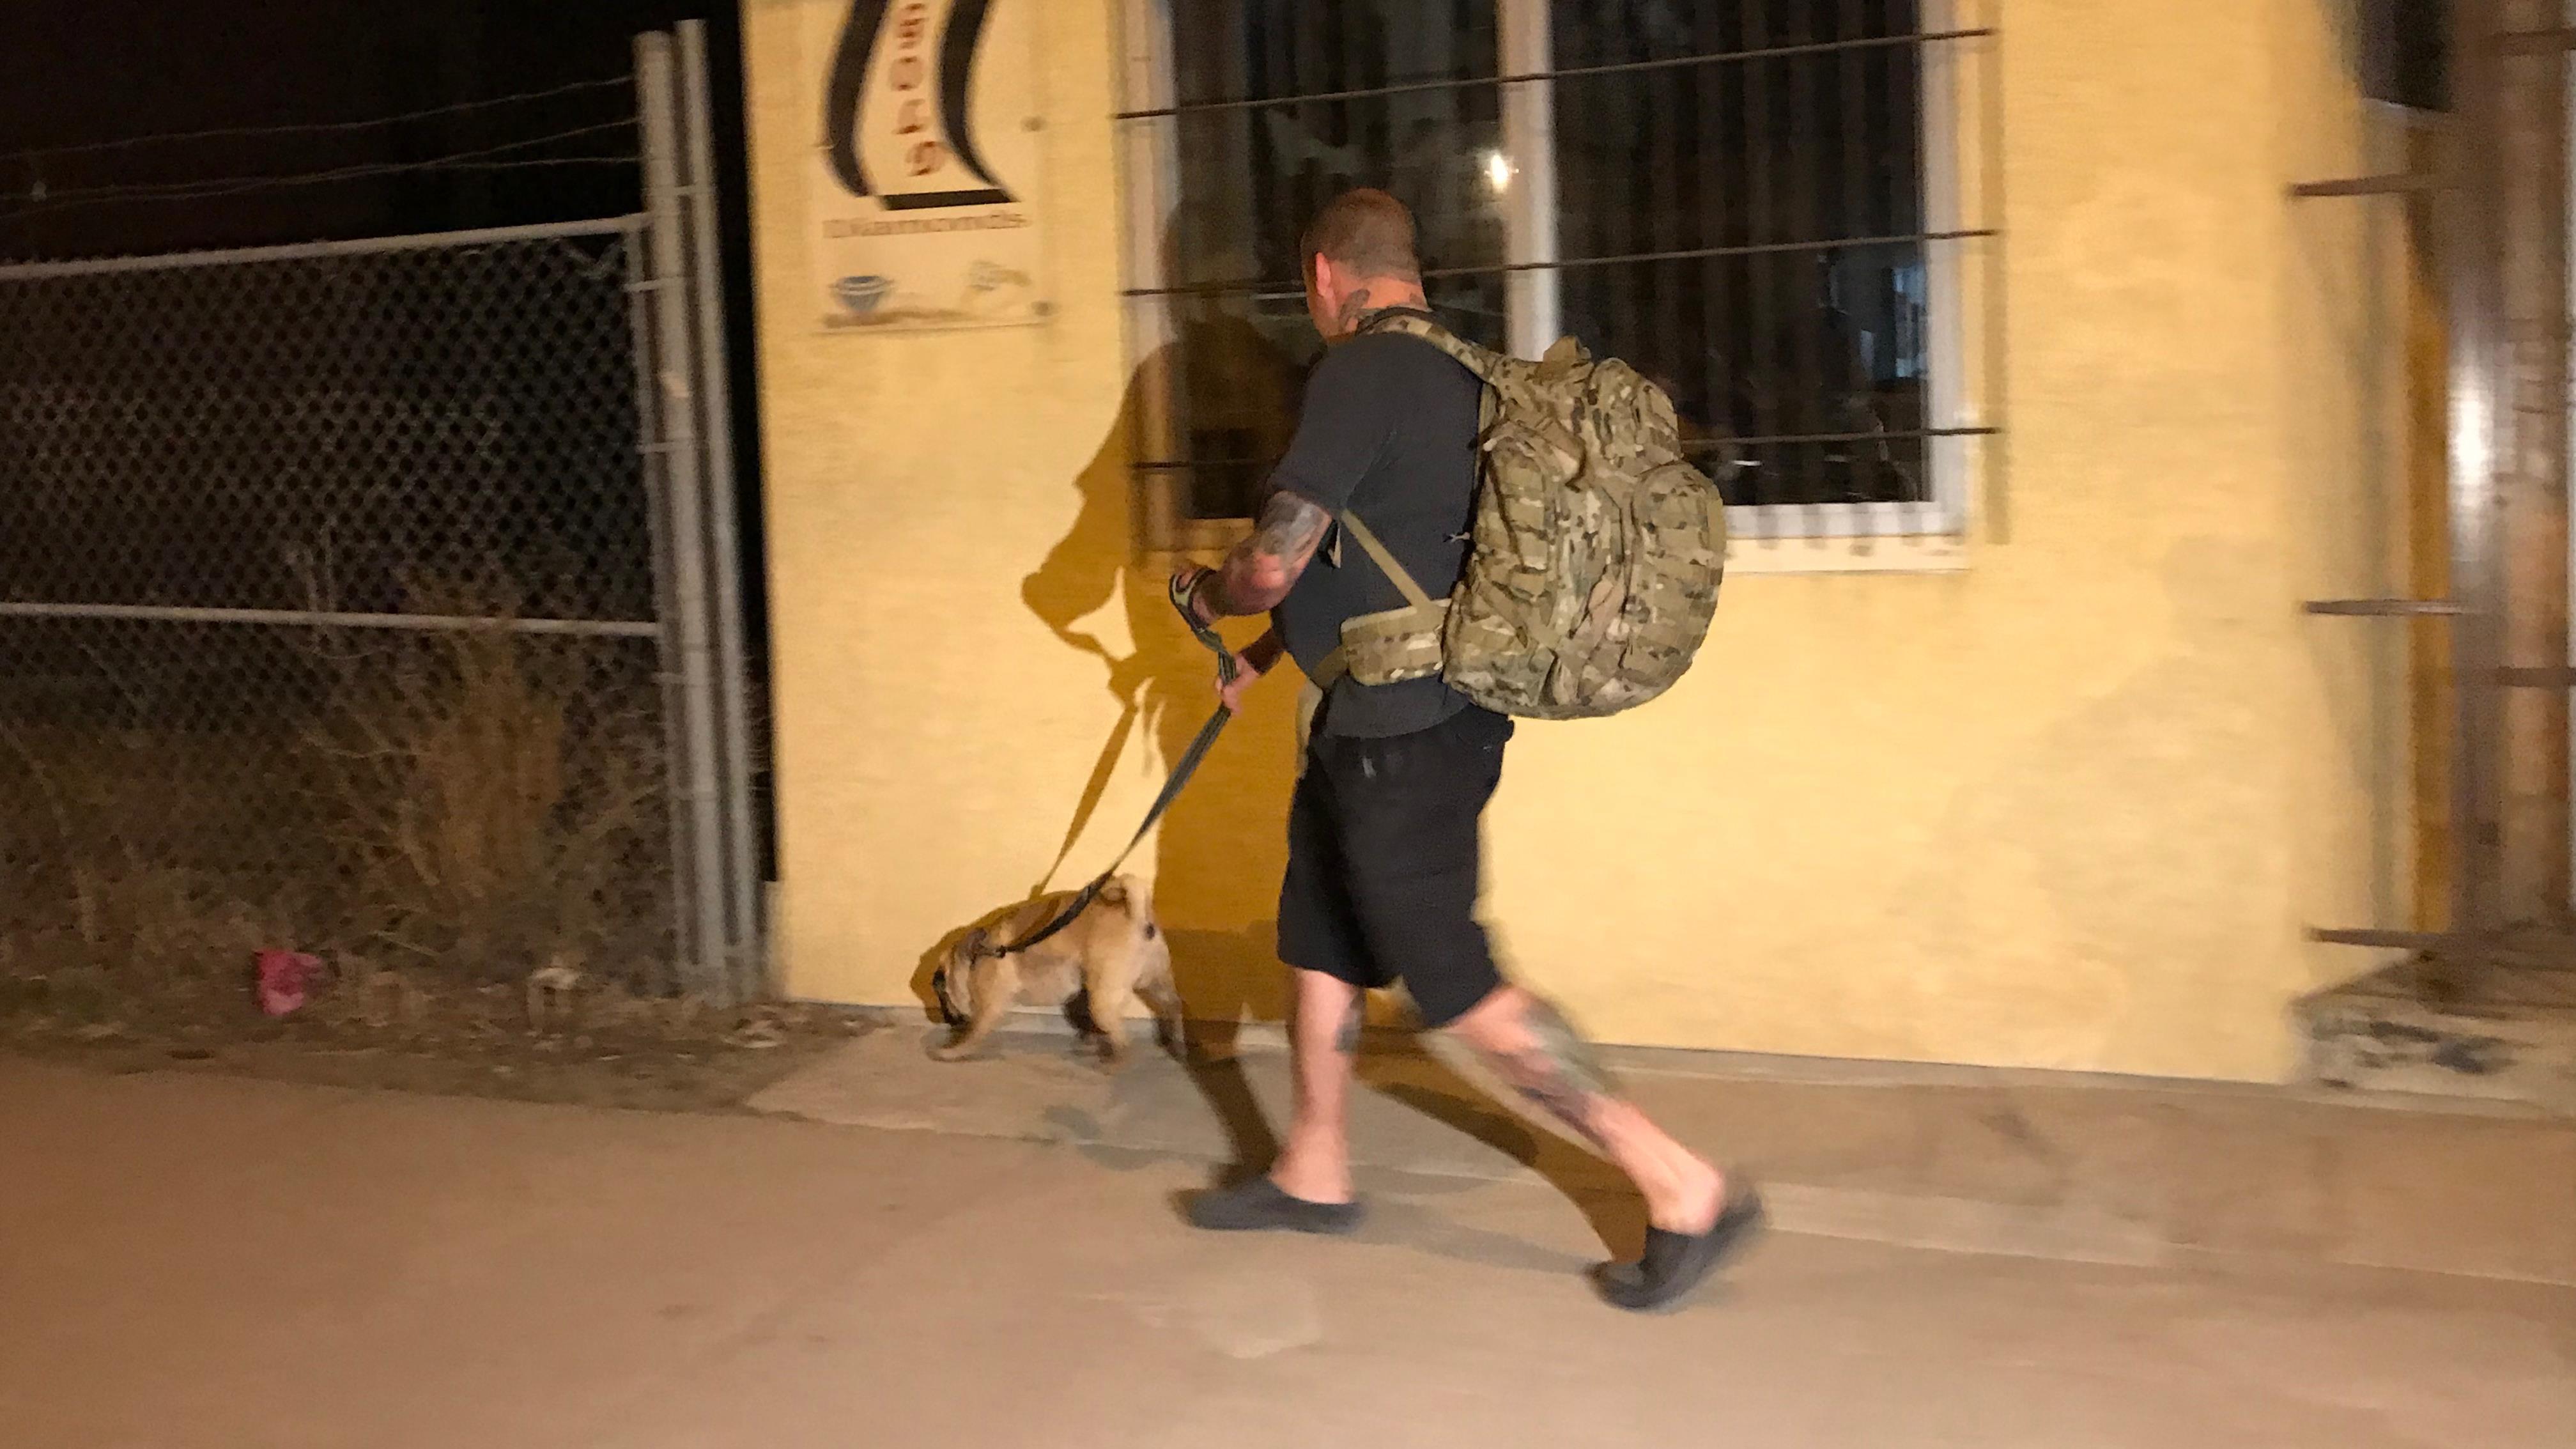 Terry Grady est avec son chien.